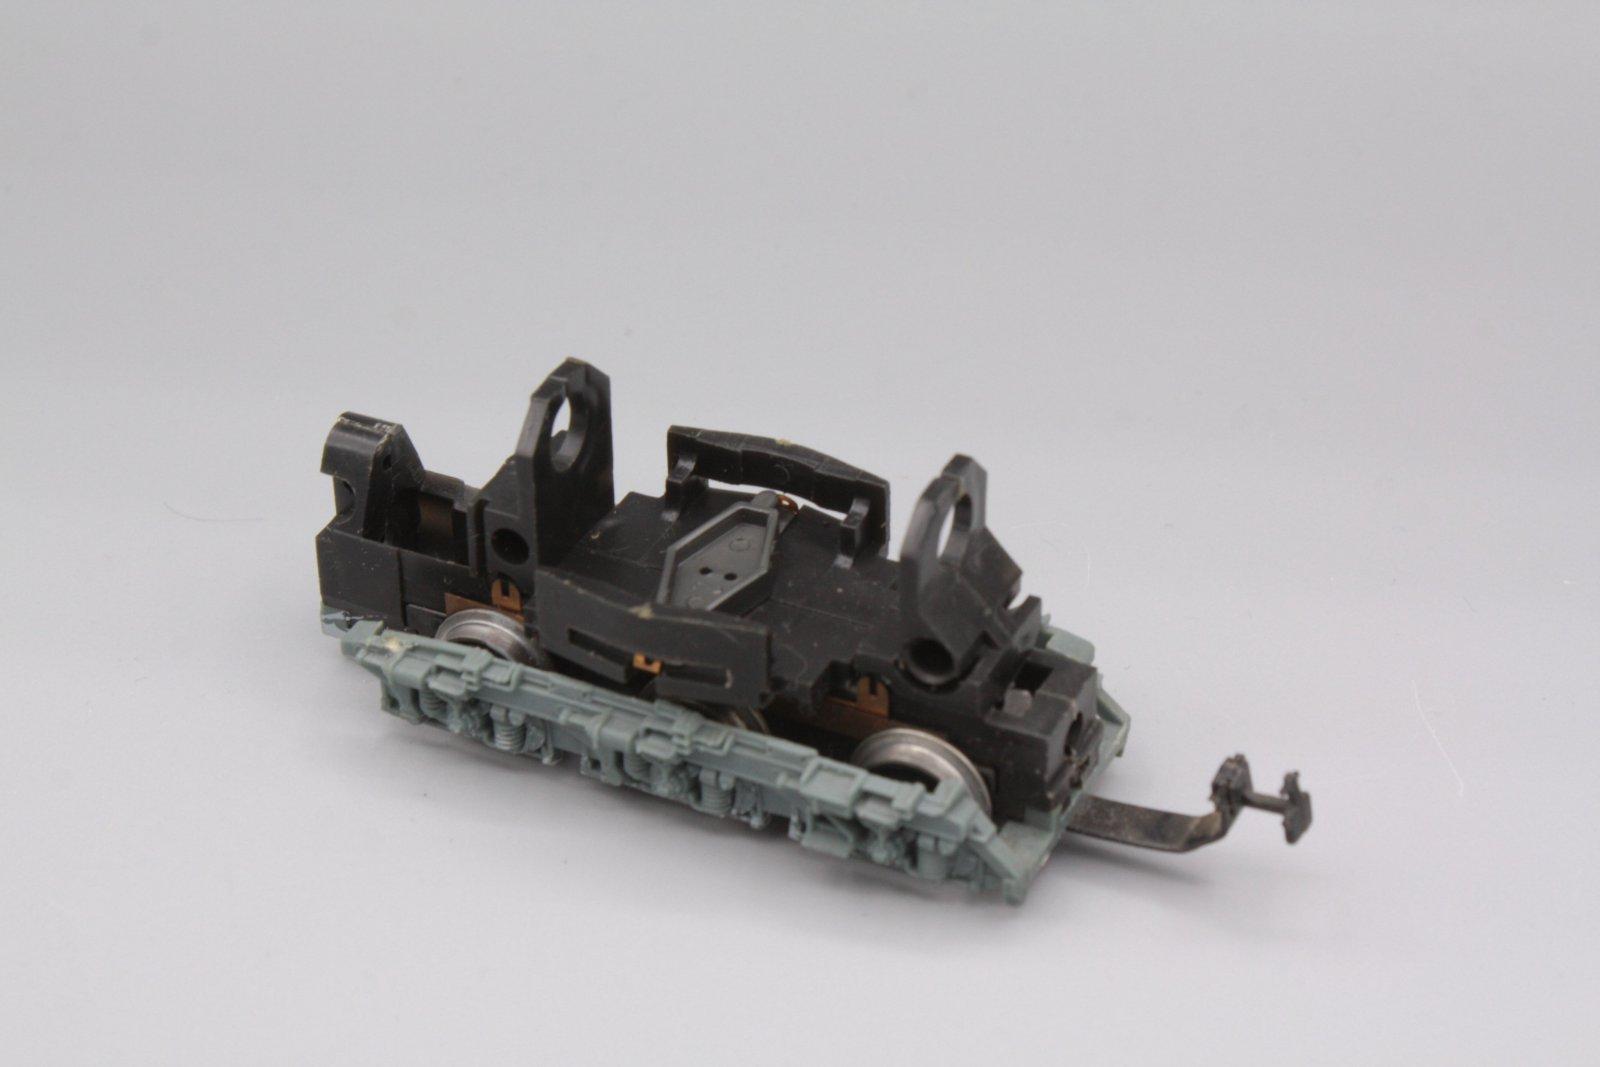 Ersatzteil Piko 130 Drehgestell ohne Motor - Laufdrehgestell graue Blende